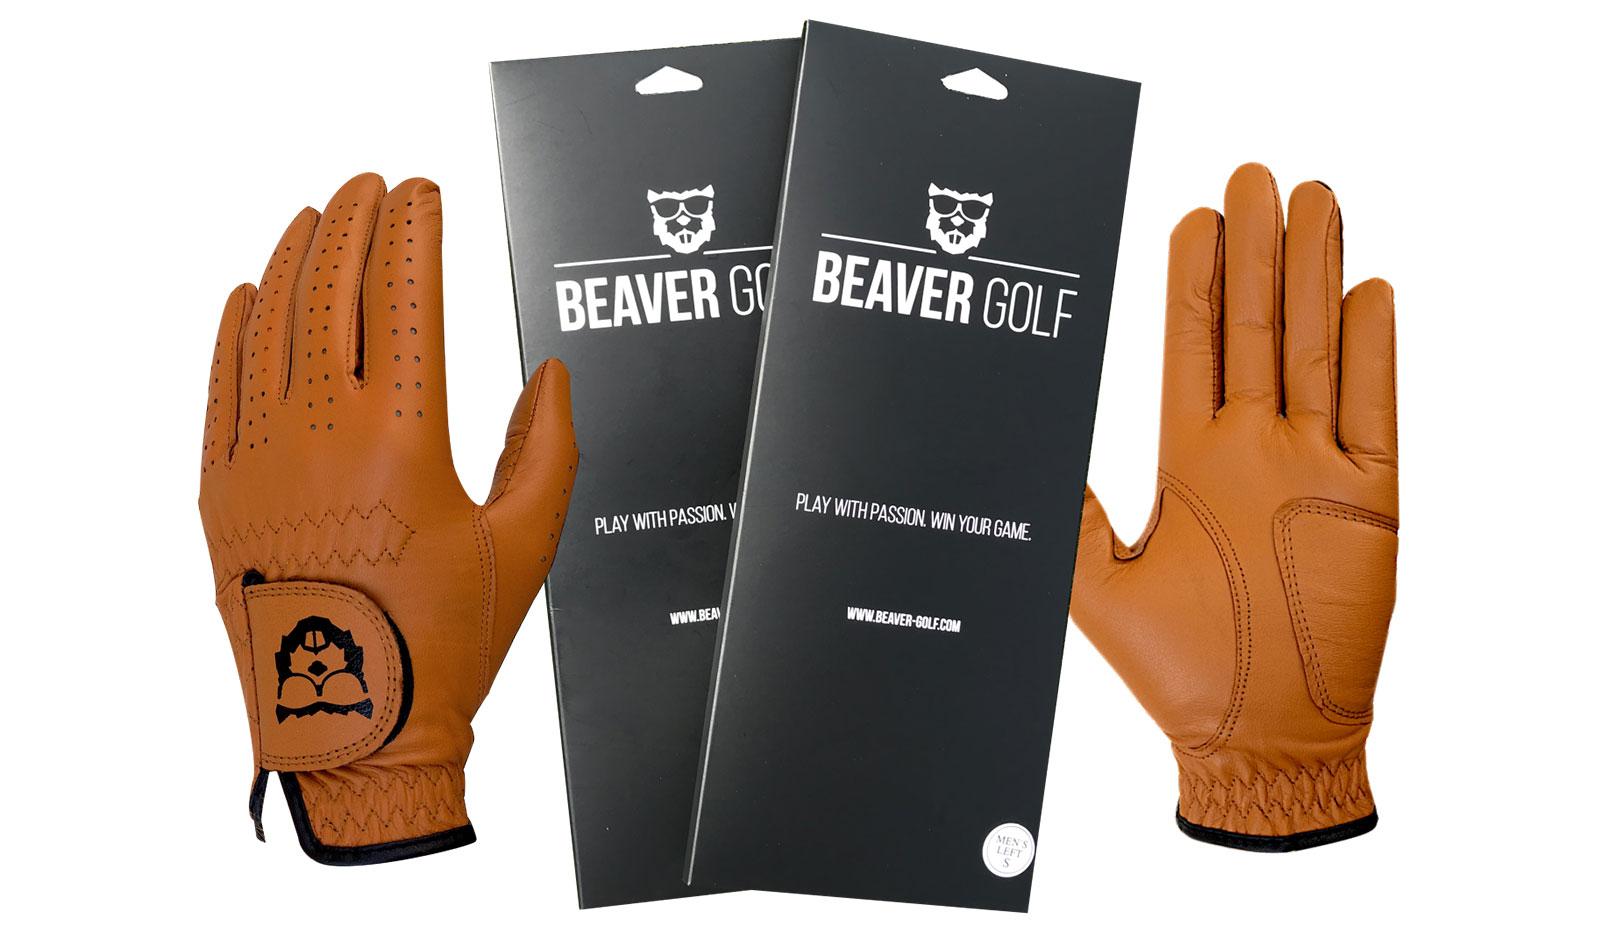 Beaver Gloves - Leder-Golfhandschuhe